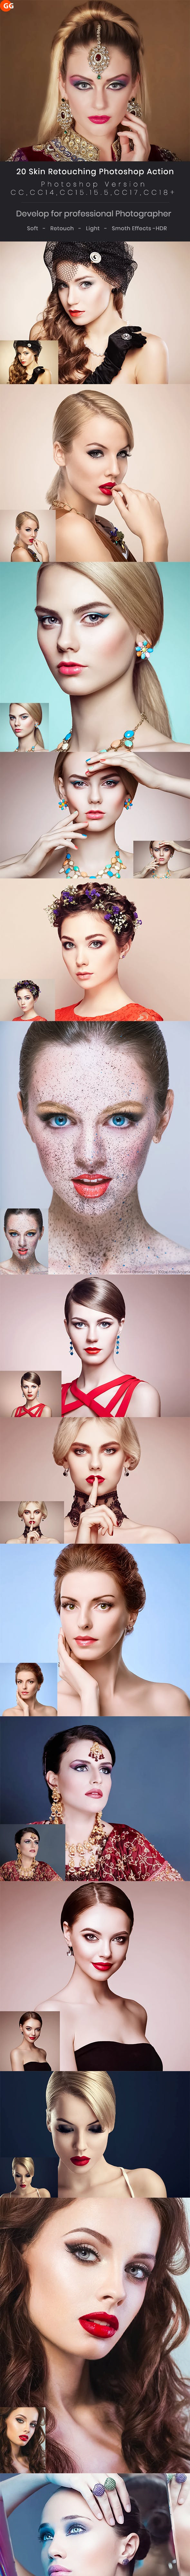 20 Skin Retouching Photoshop Action 22937979